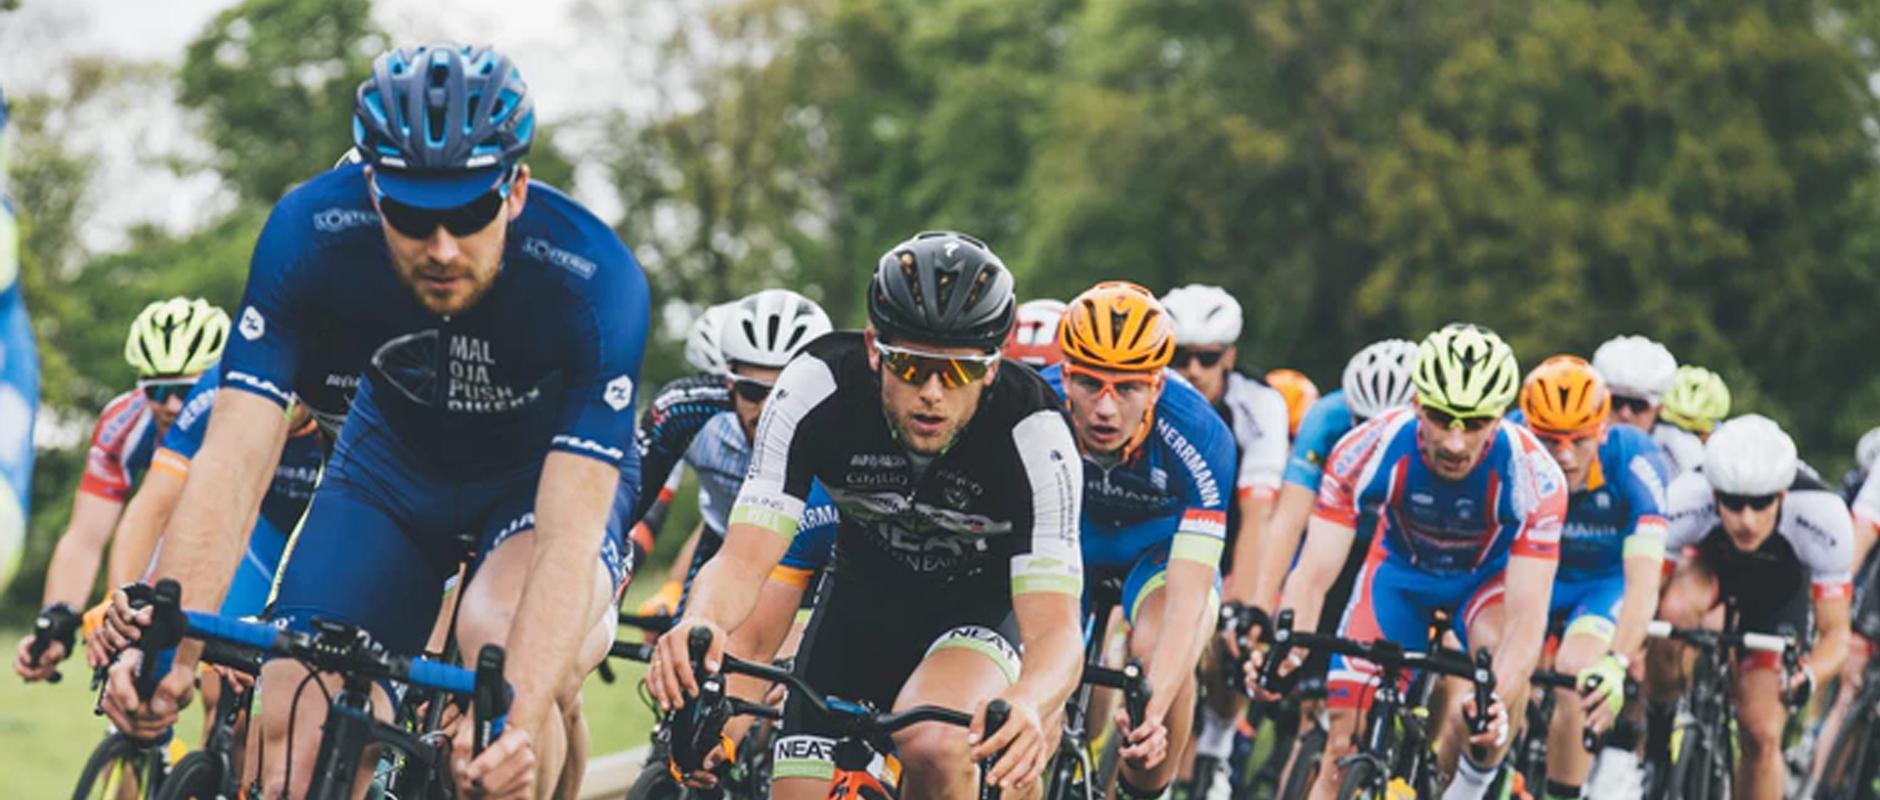 poster image Réalité virtuelle comment peut elle impacter le cyclisme UUn outil dentraînement de qualité pour les cyclistes professionnels - Réalité virtuelle : comment peut-elle impacter le cyclisme?